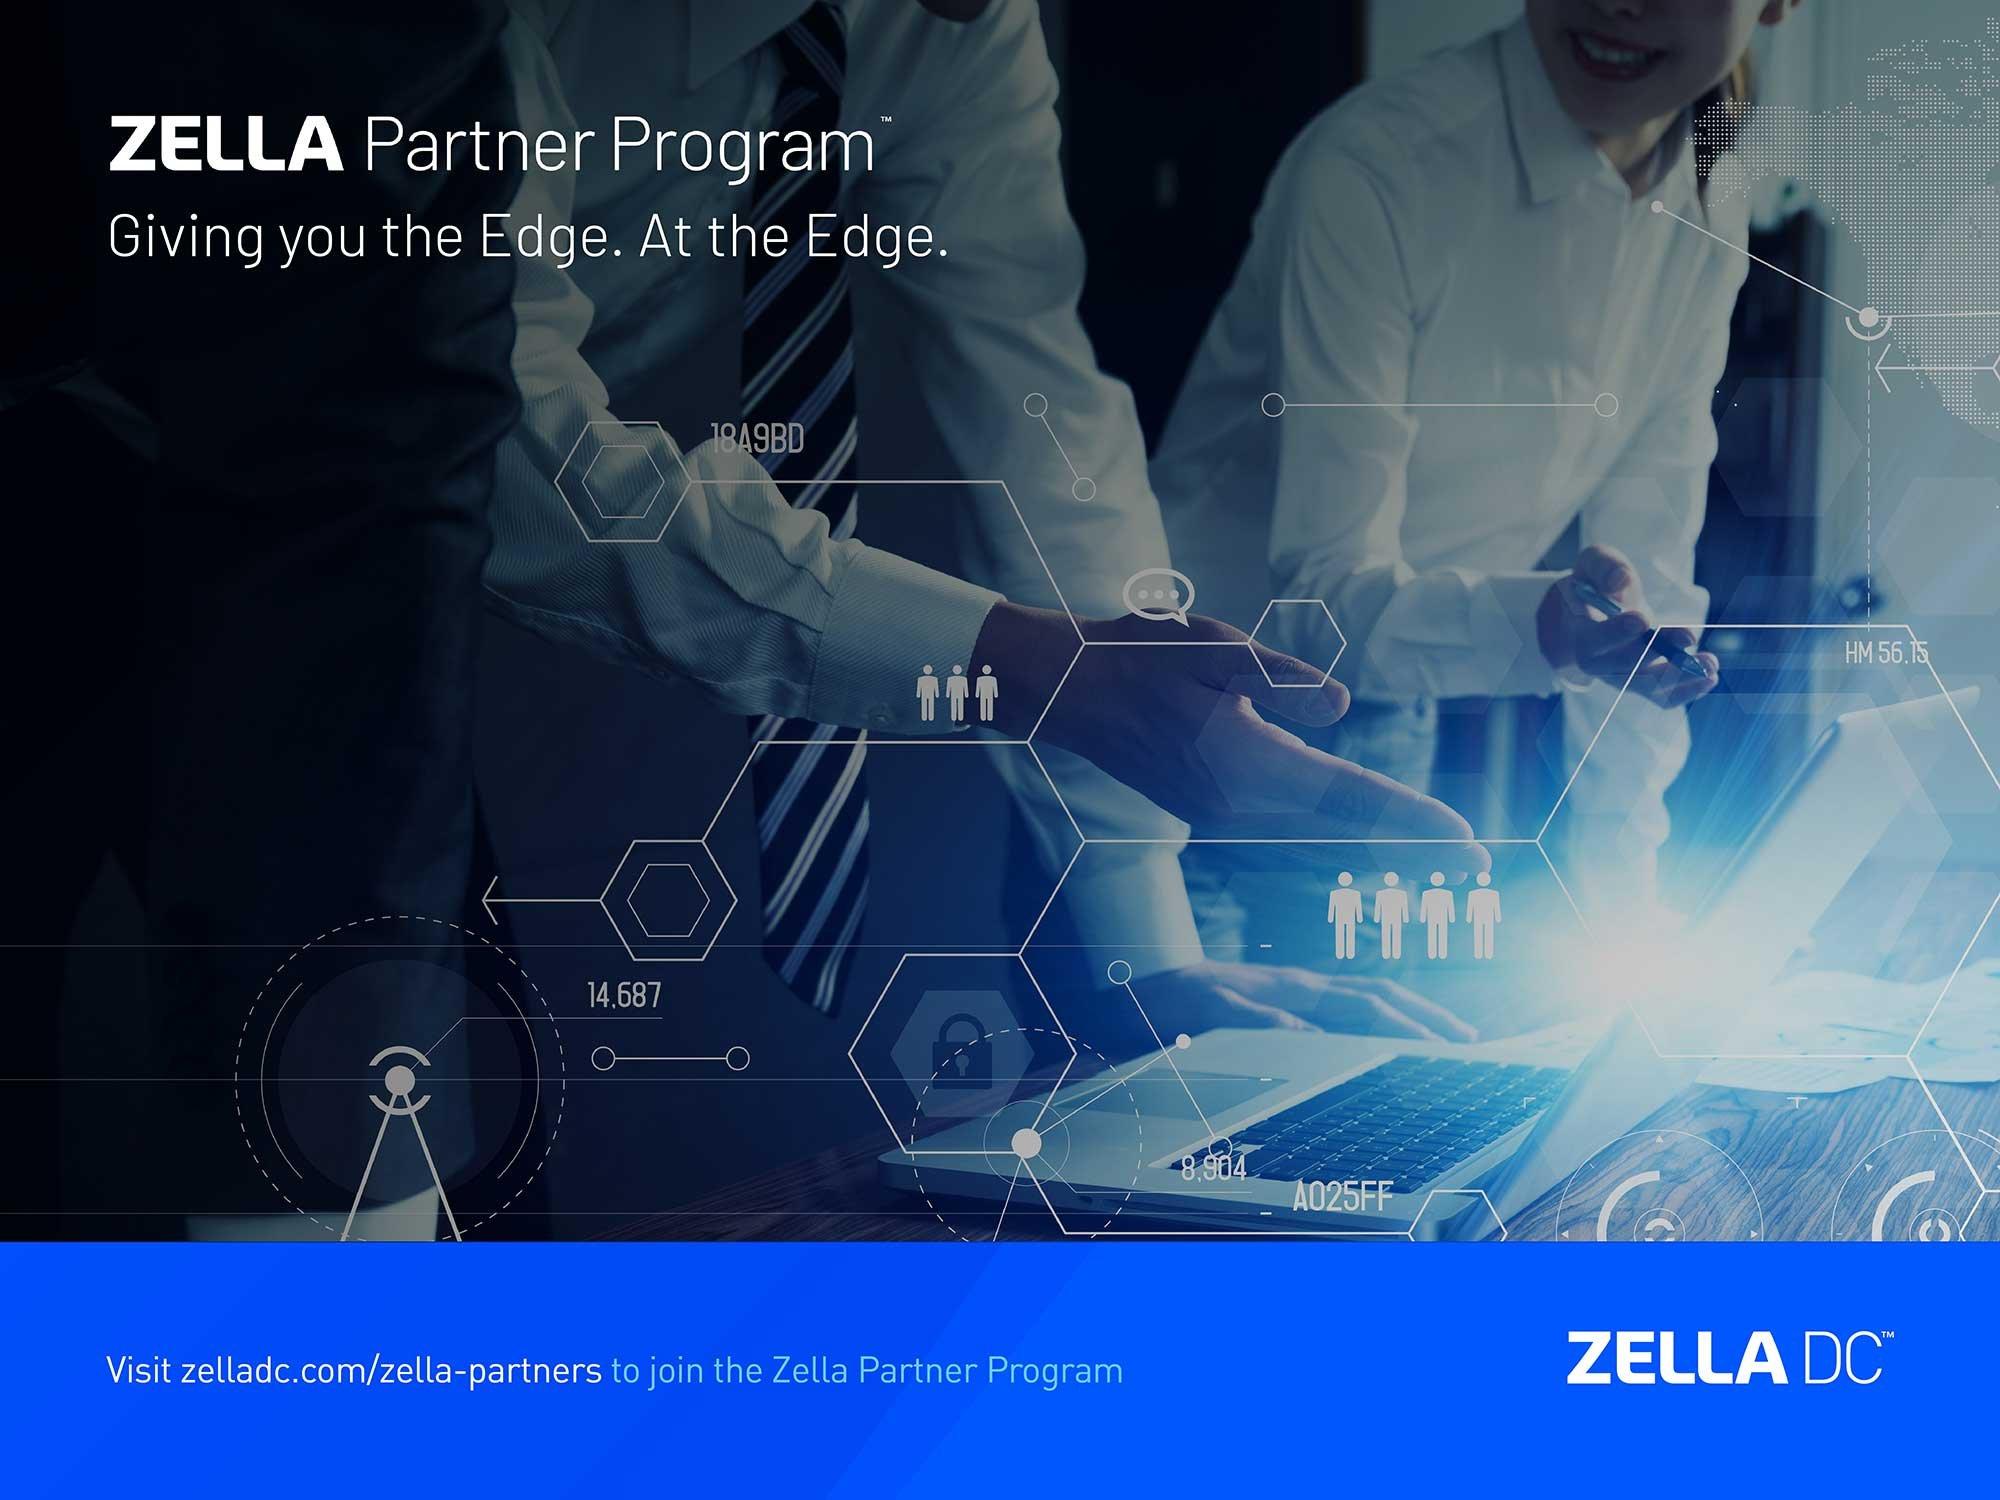 Zella Partner Program | May 2021